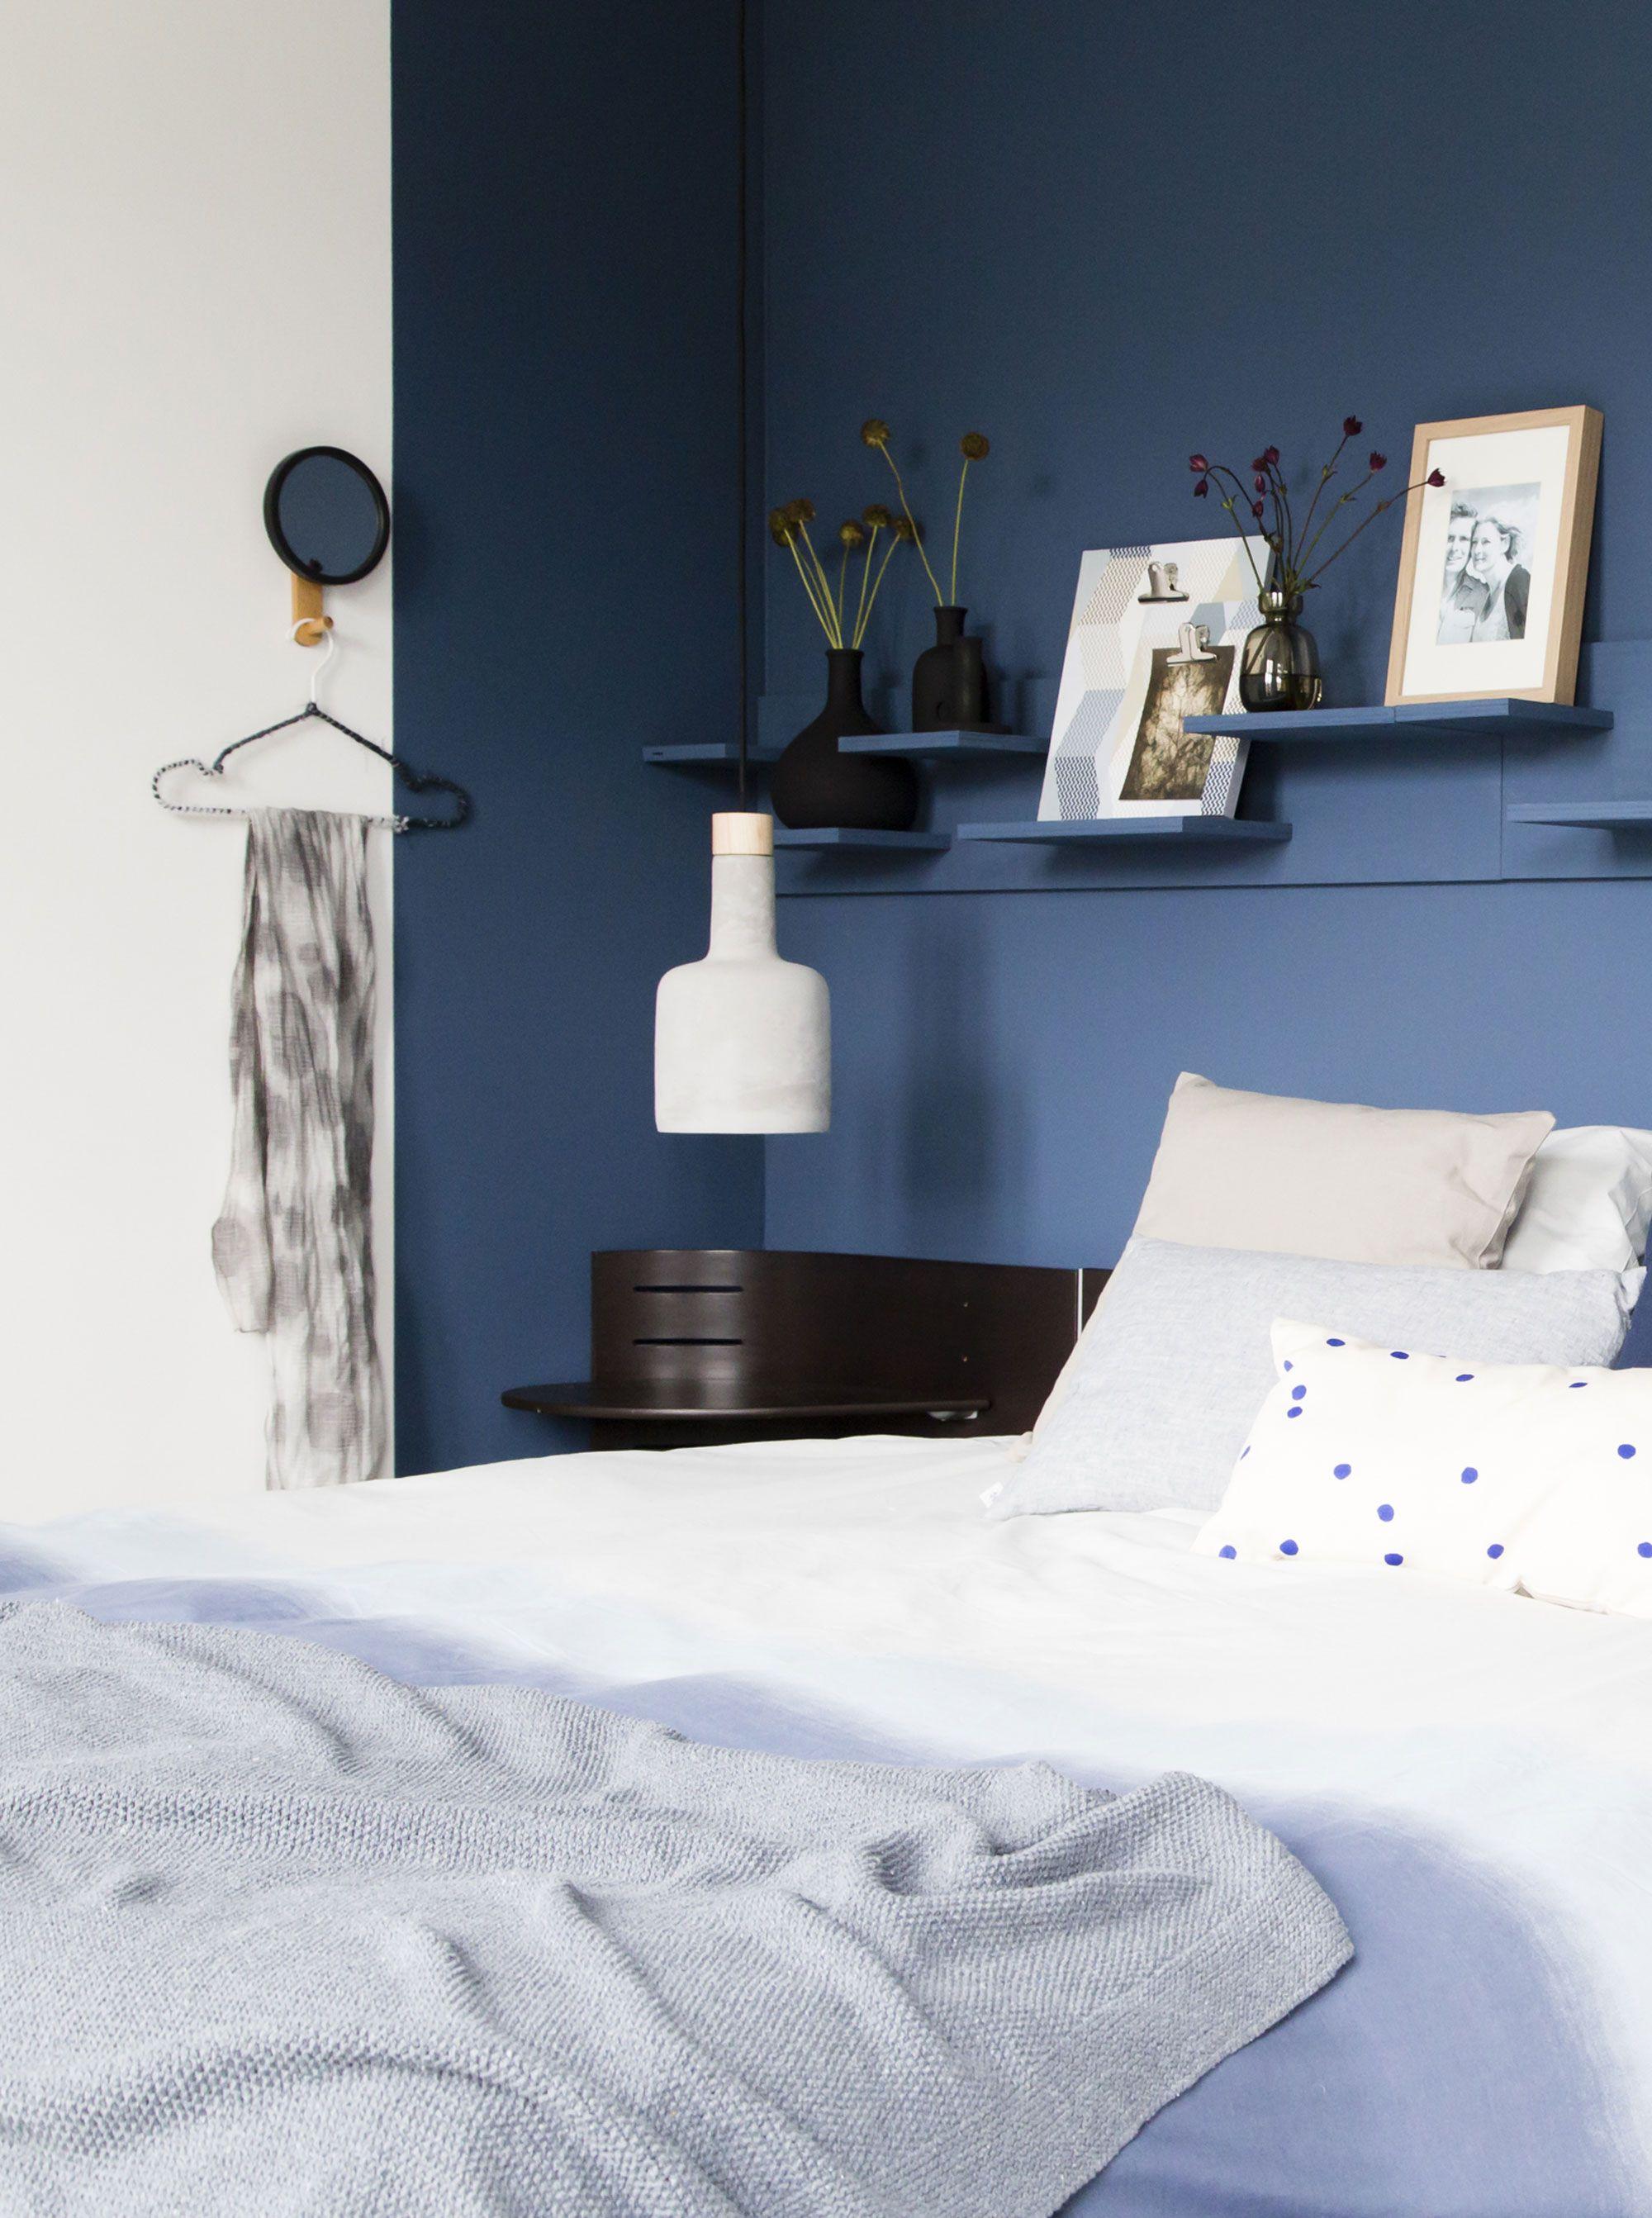 25 beste ideen over Slaapkamer verven op Pinterest